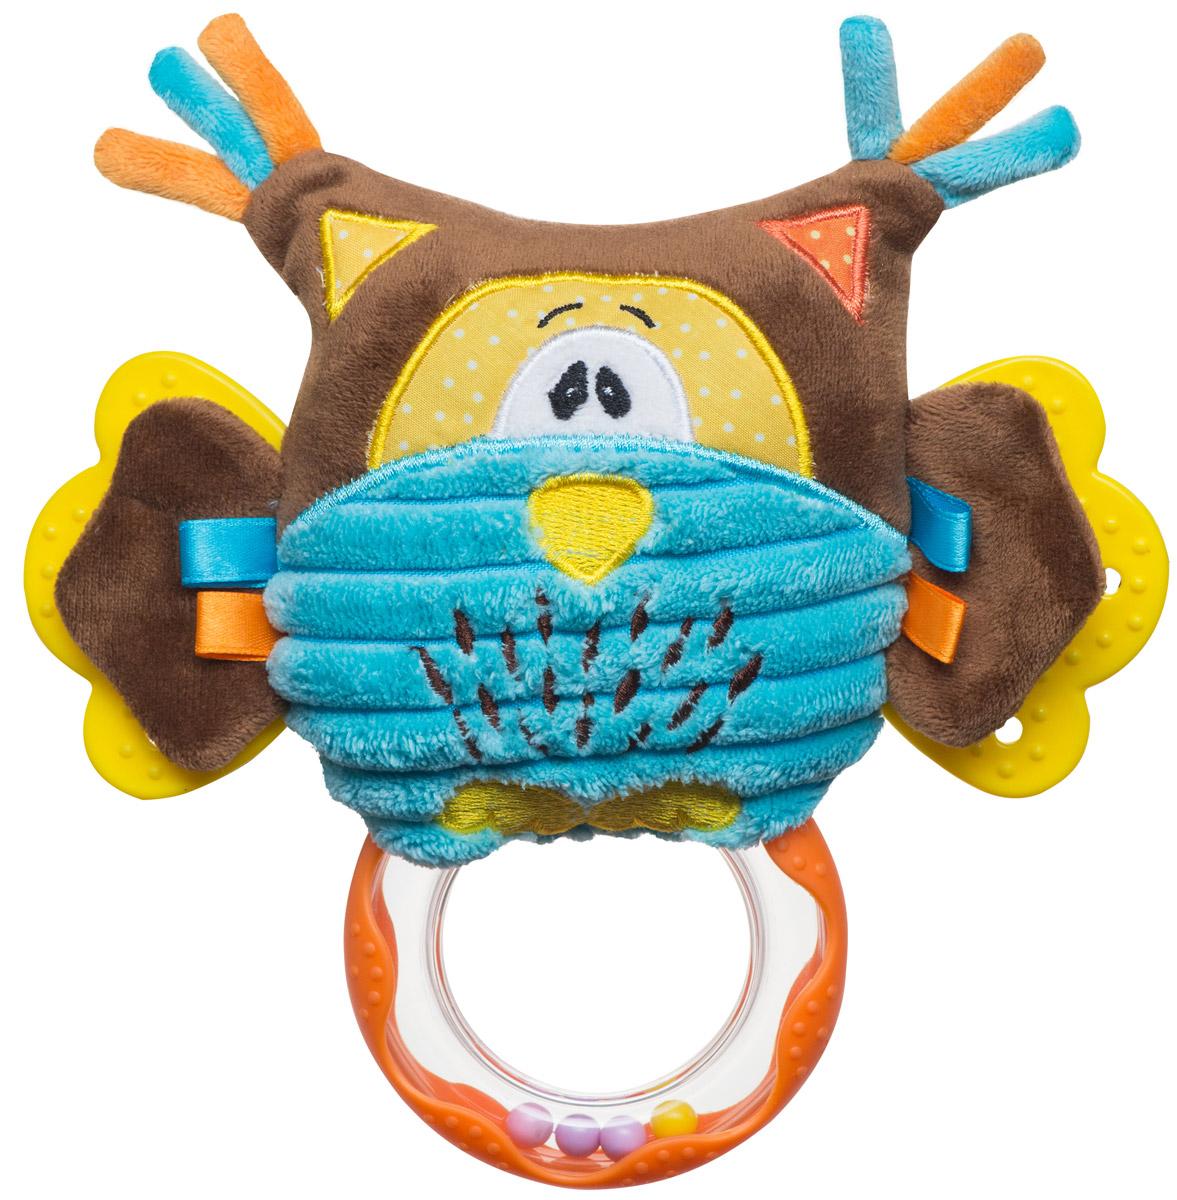 BabyOno Развивающая игрушка Совенок babyono мягкая кукла лили цвет коралловый